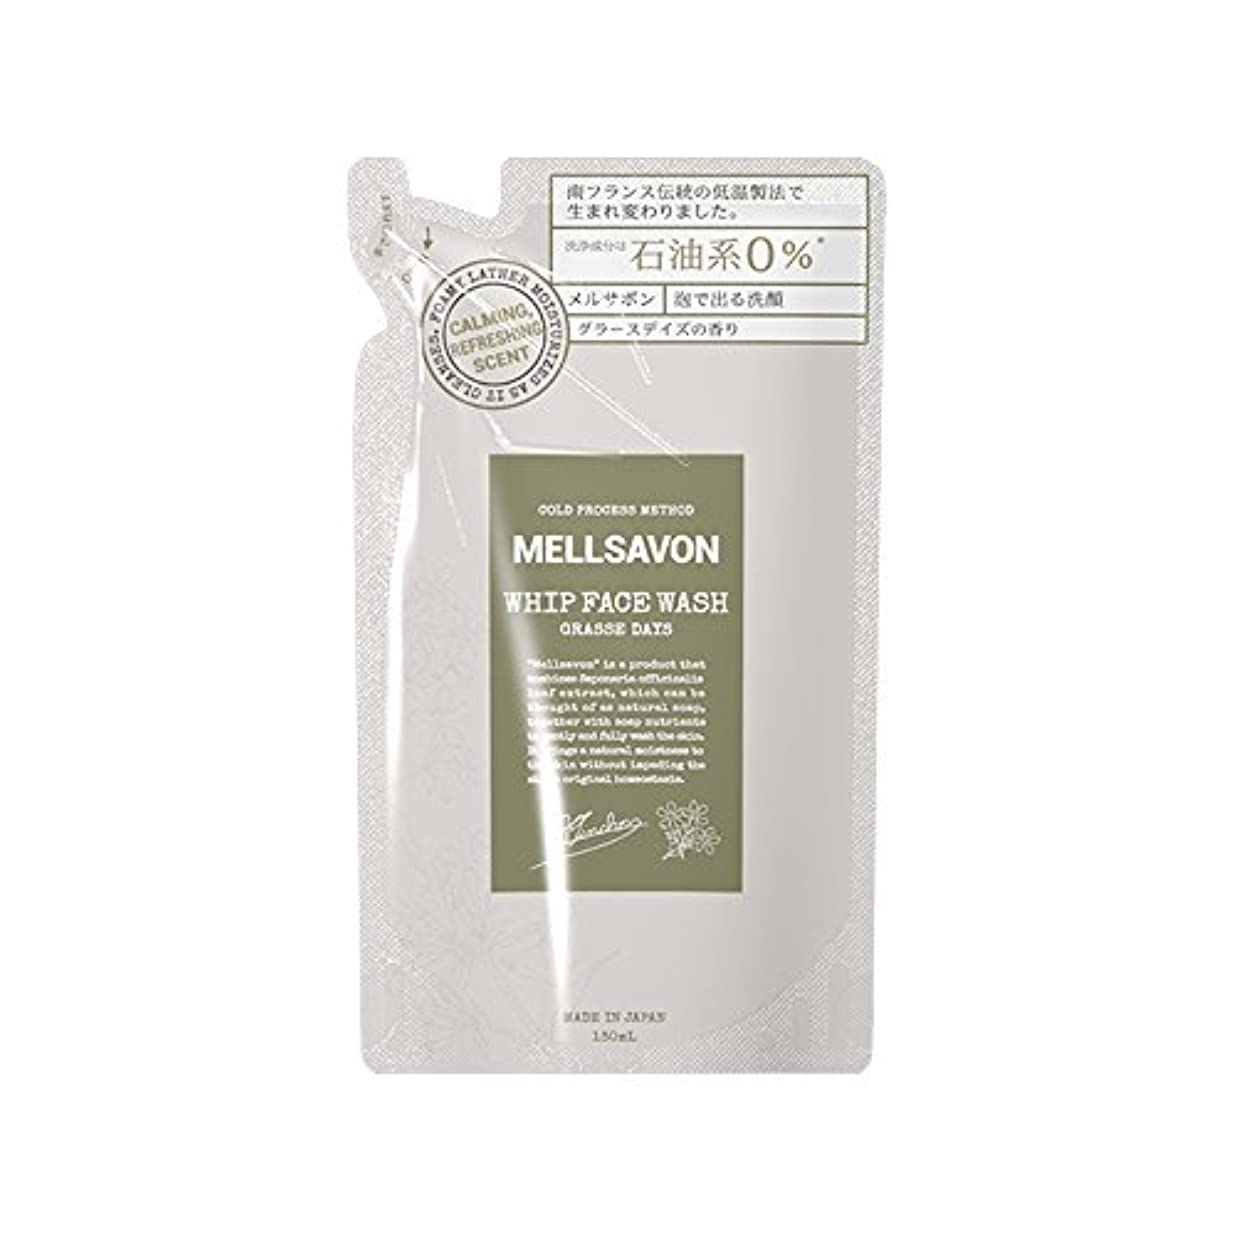 MELLSAVON(メルサボン) ホイップフェイスウォッシュ グラースデイズ 〈詰替〉 (130mL)